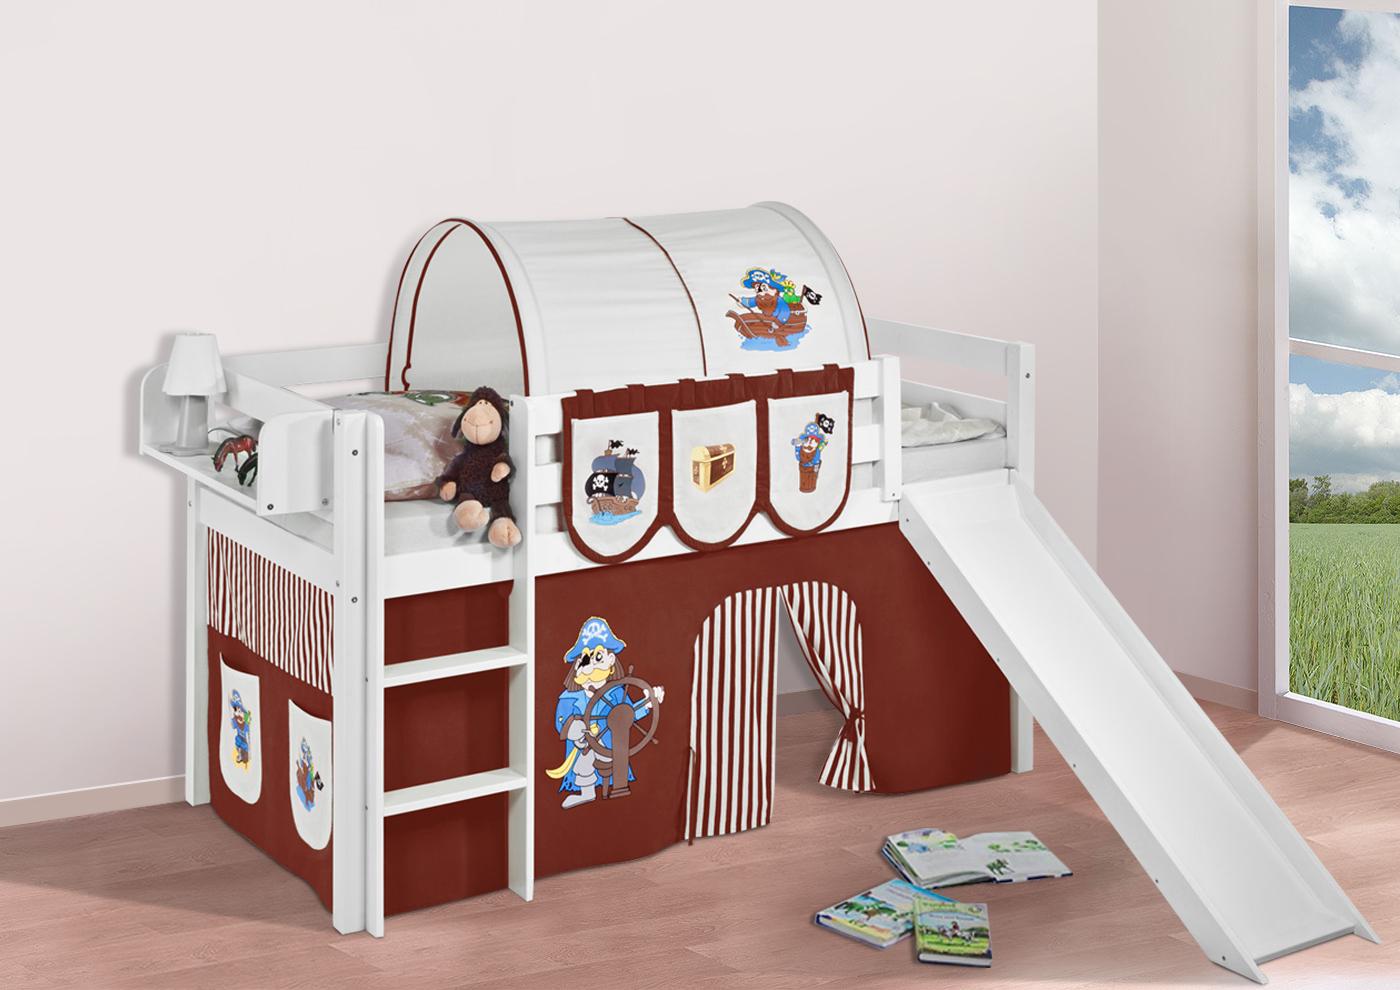 Spielbett hochbett kinderbett jelle mit rutsche buche massivholz vorhang ebay - Frozen vorhang hochbett ...